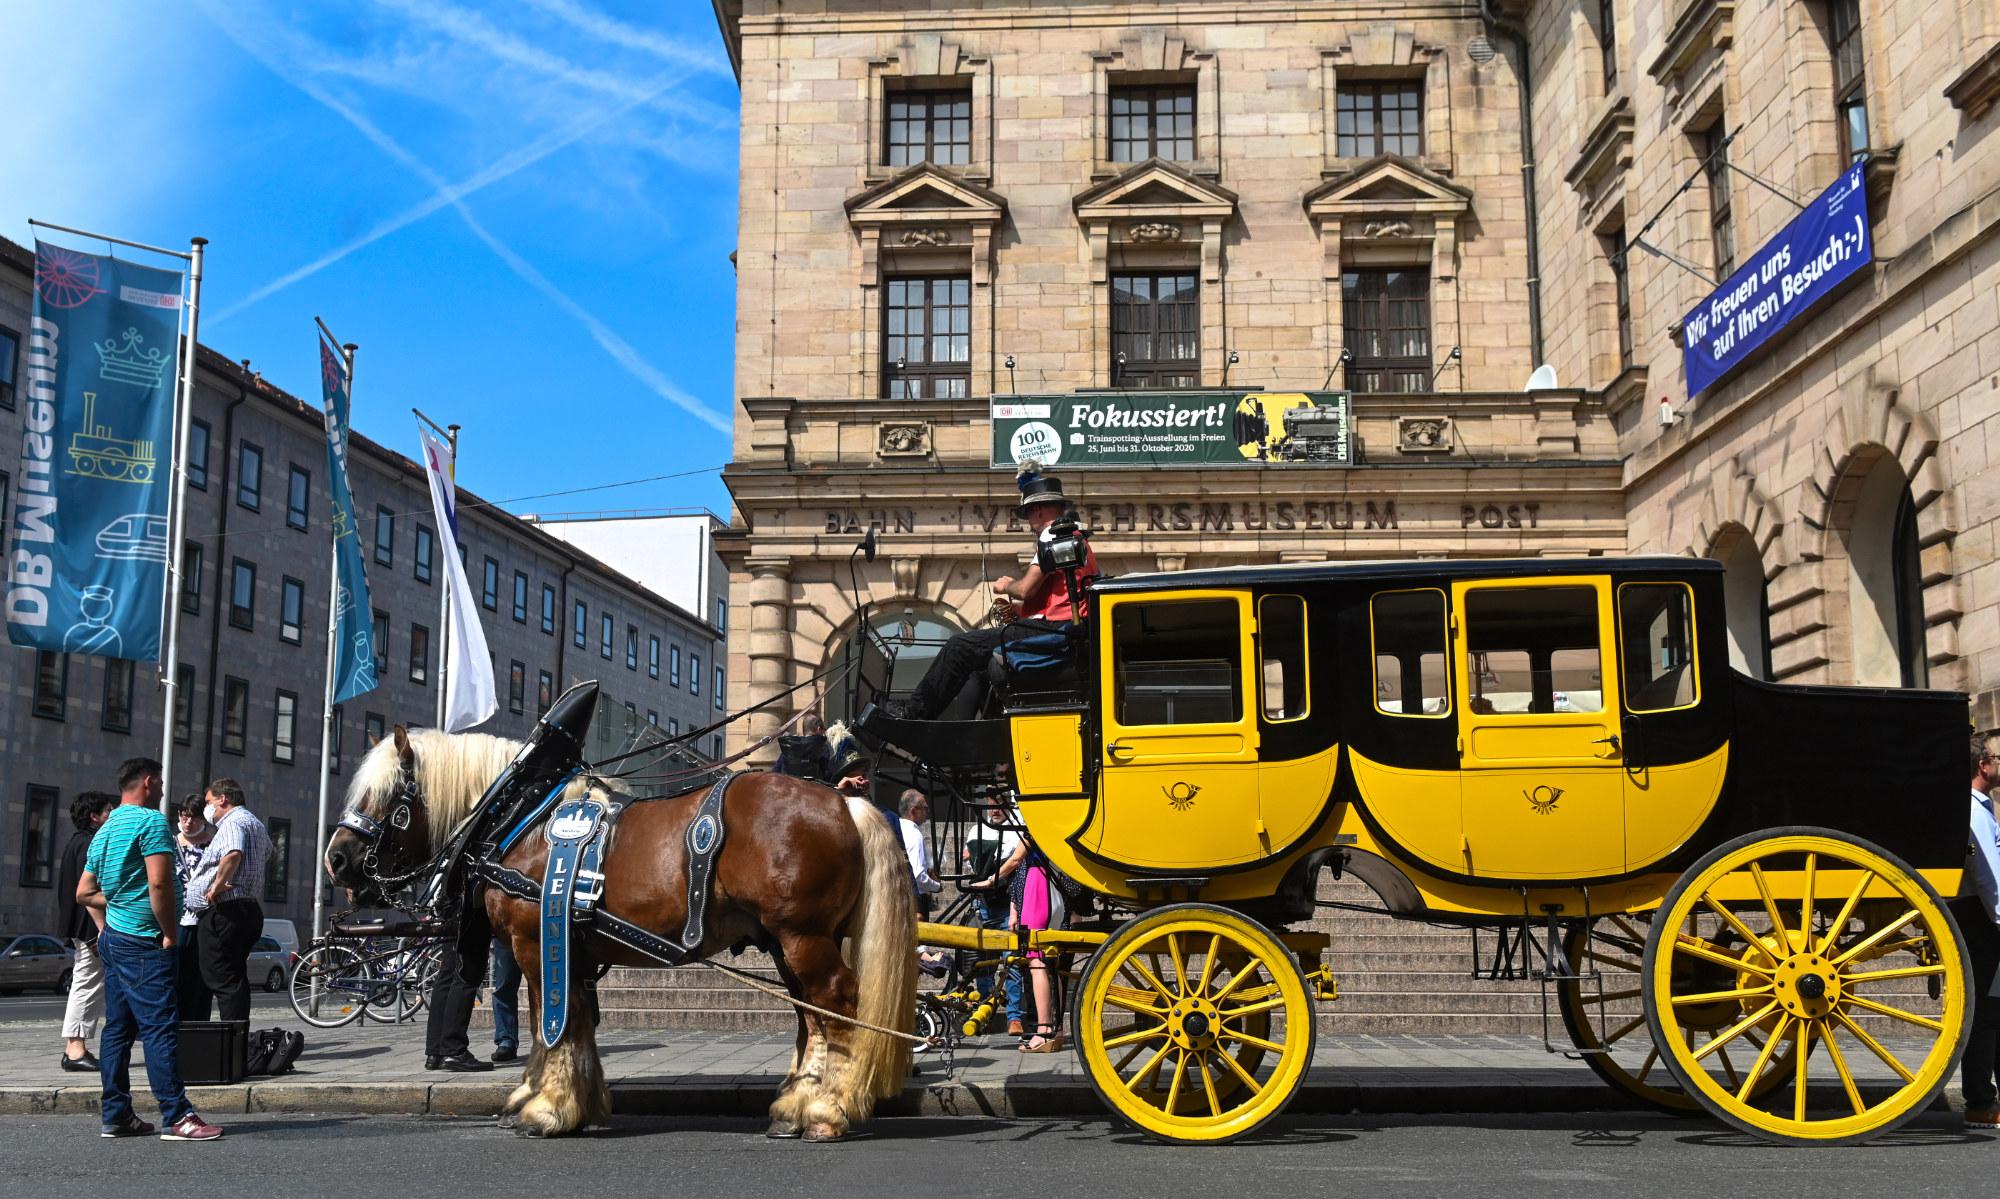 Eine große doppeltürige Postkutsche des Typs Berline steht vor dem Haupteingang des Museums für Kommunikation Seiten und Reifen sind in dem typischen Gelb der Post lackiert, Dach und Gepäckraum sind schwarz.